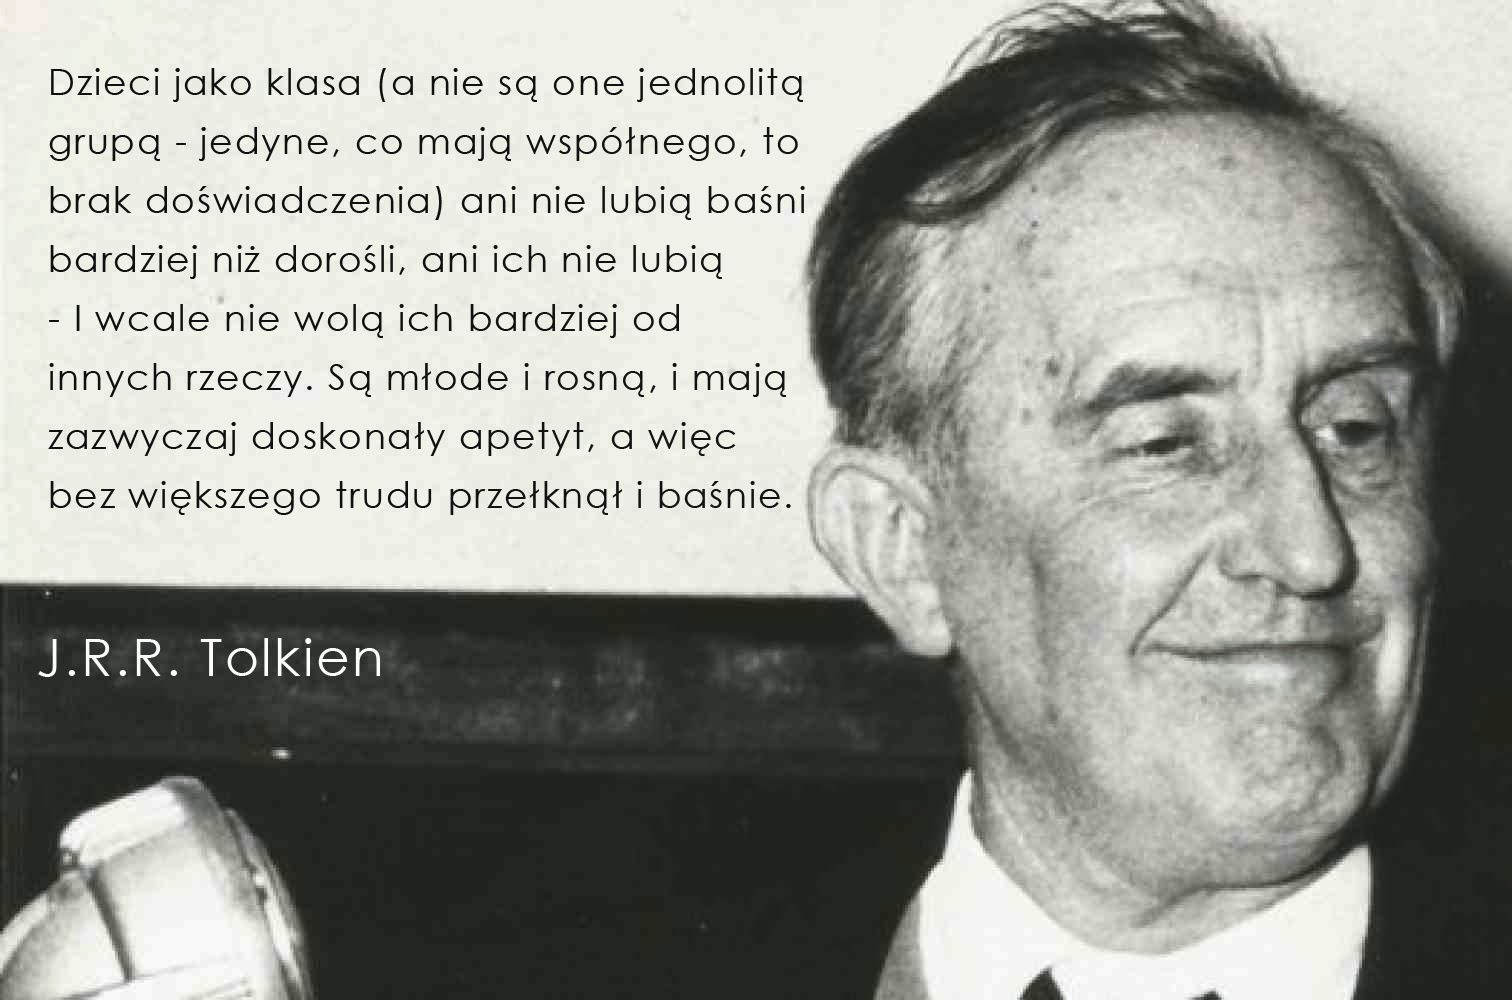 J.R.R. Tolkien, baśnie i Tolkien, hobbit i baśnie, Fantazja, fantazjowanie, Baśnie na warsztacie, rola baśni w życiu dziecka